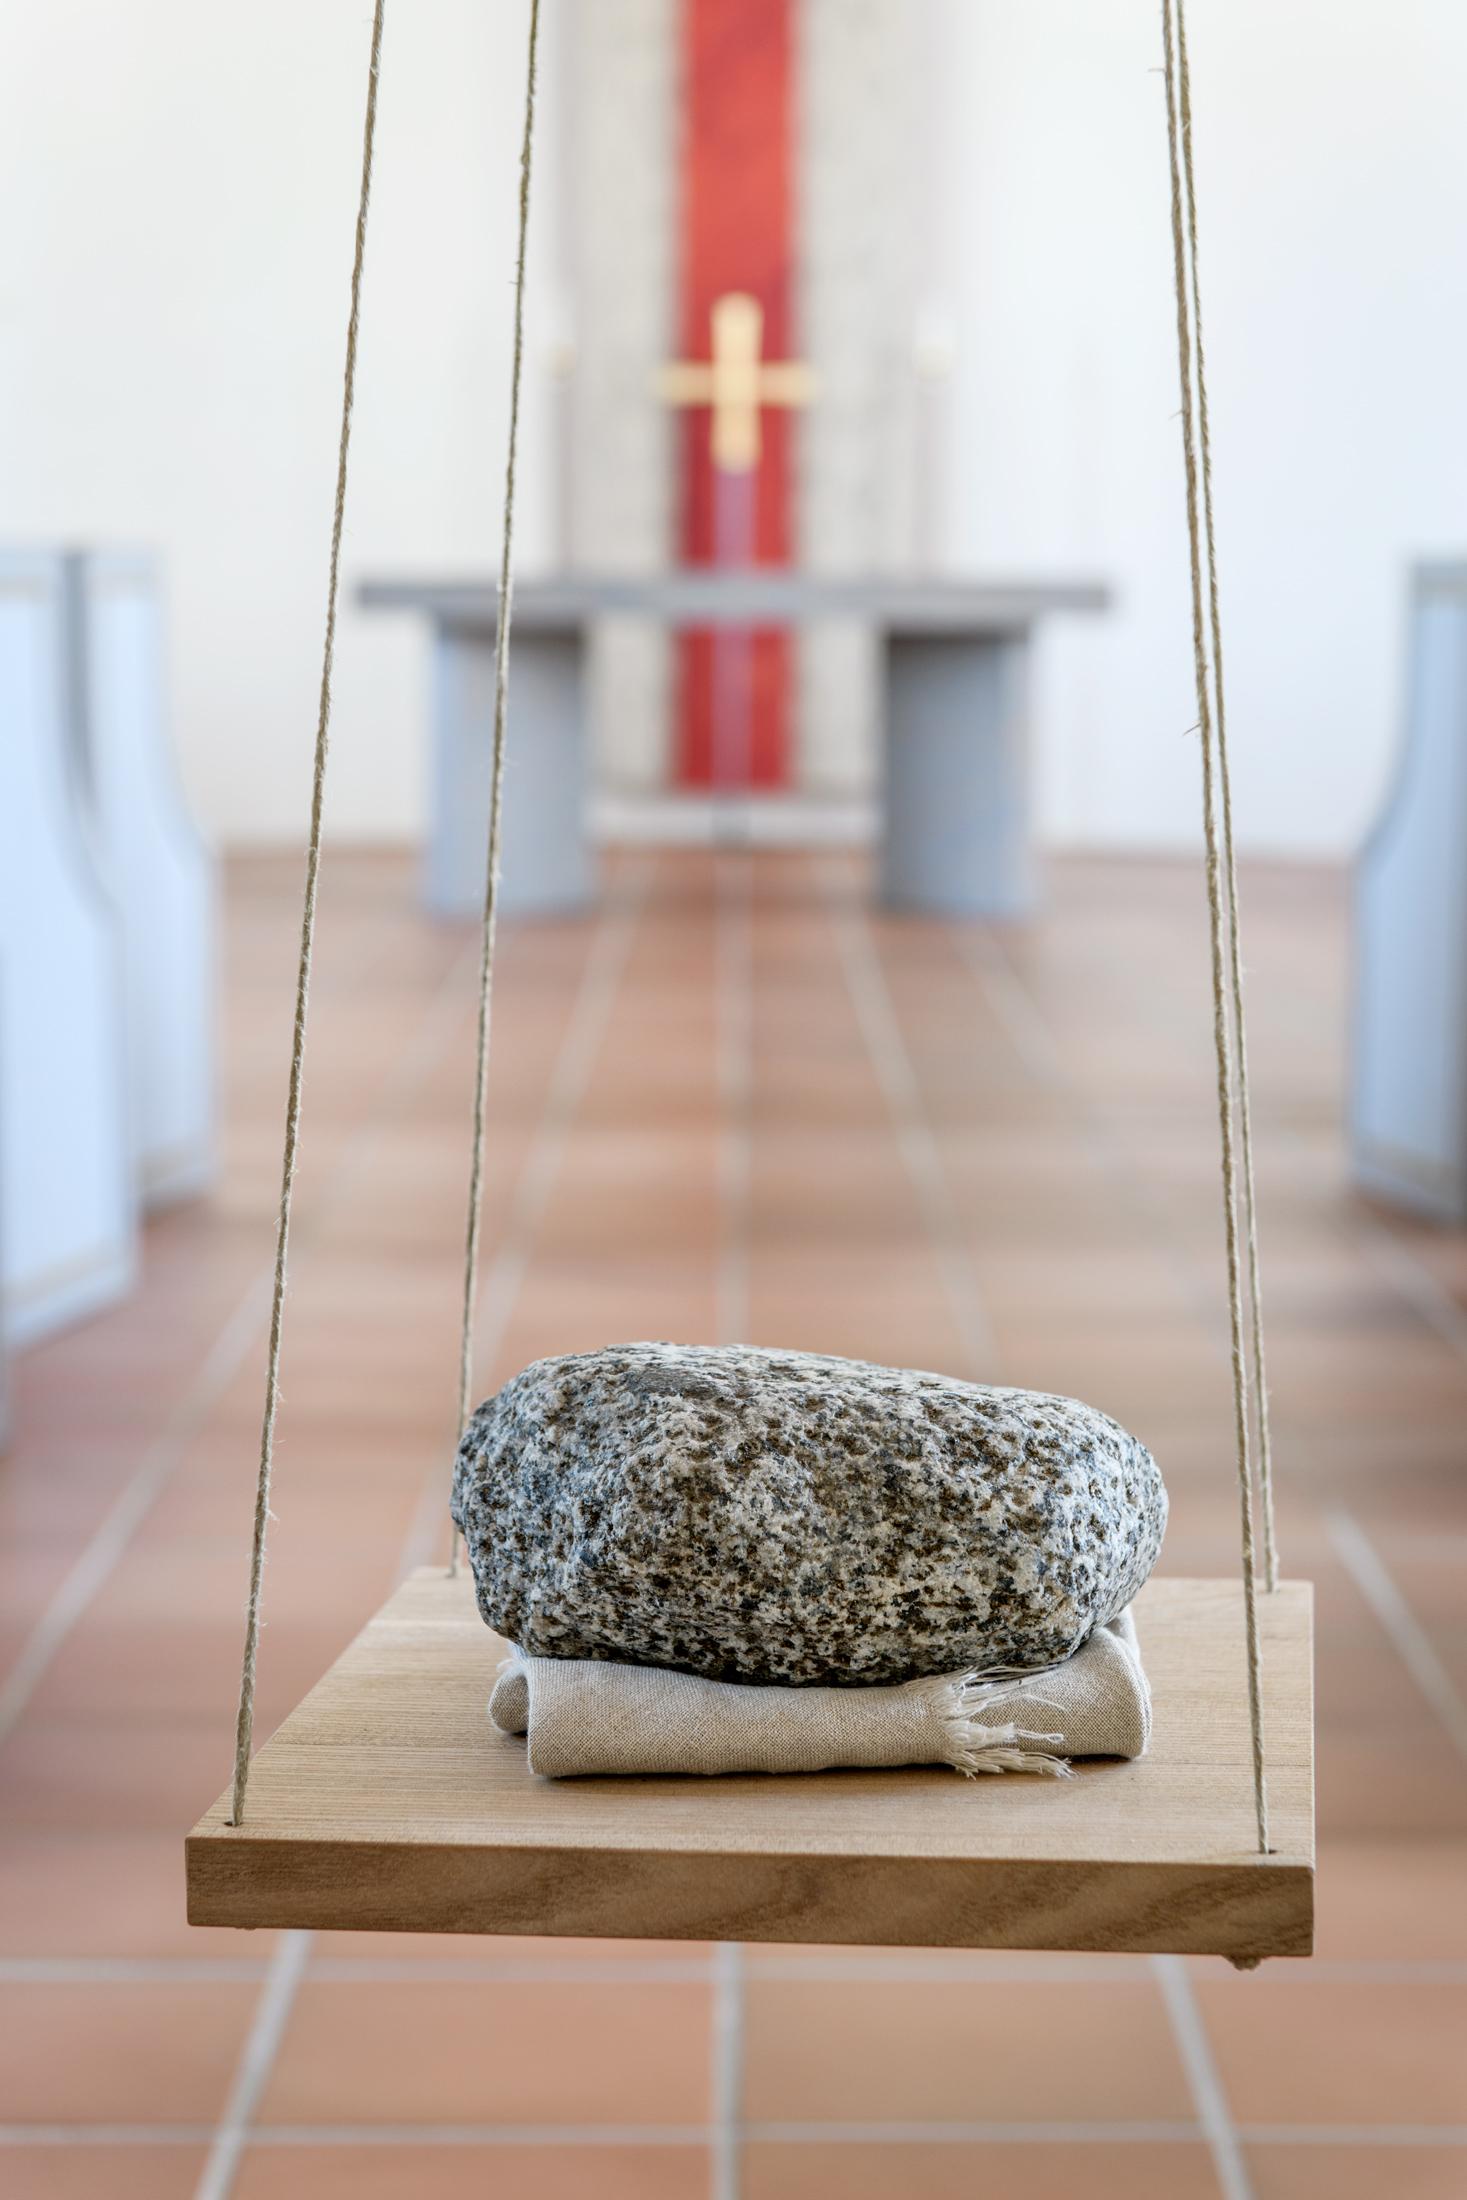 Folded rage, Helighetens bilder - Nyköpings kyrkor 2018